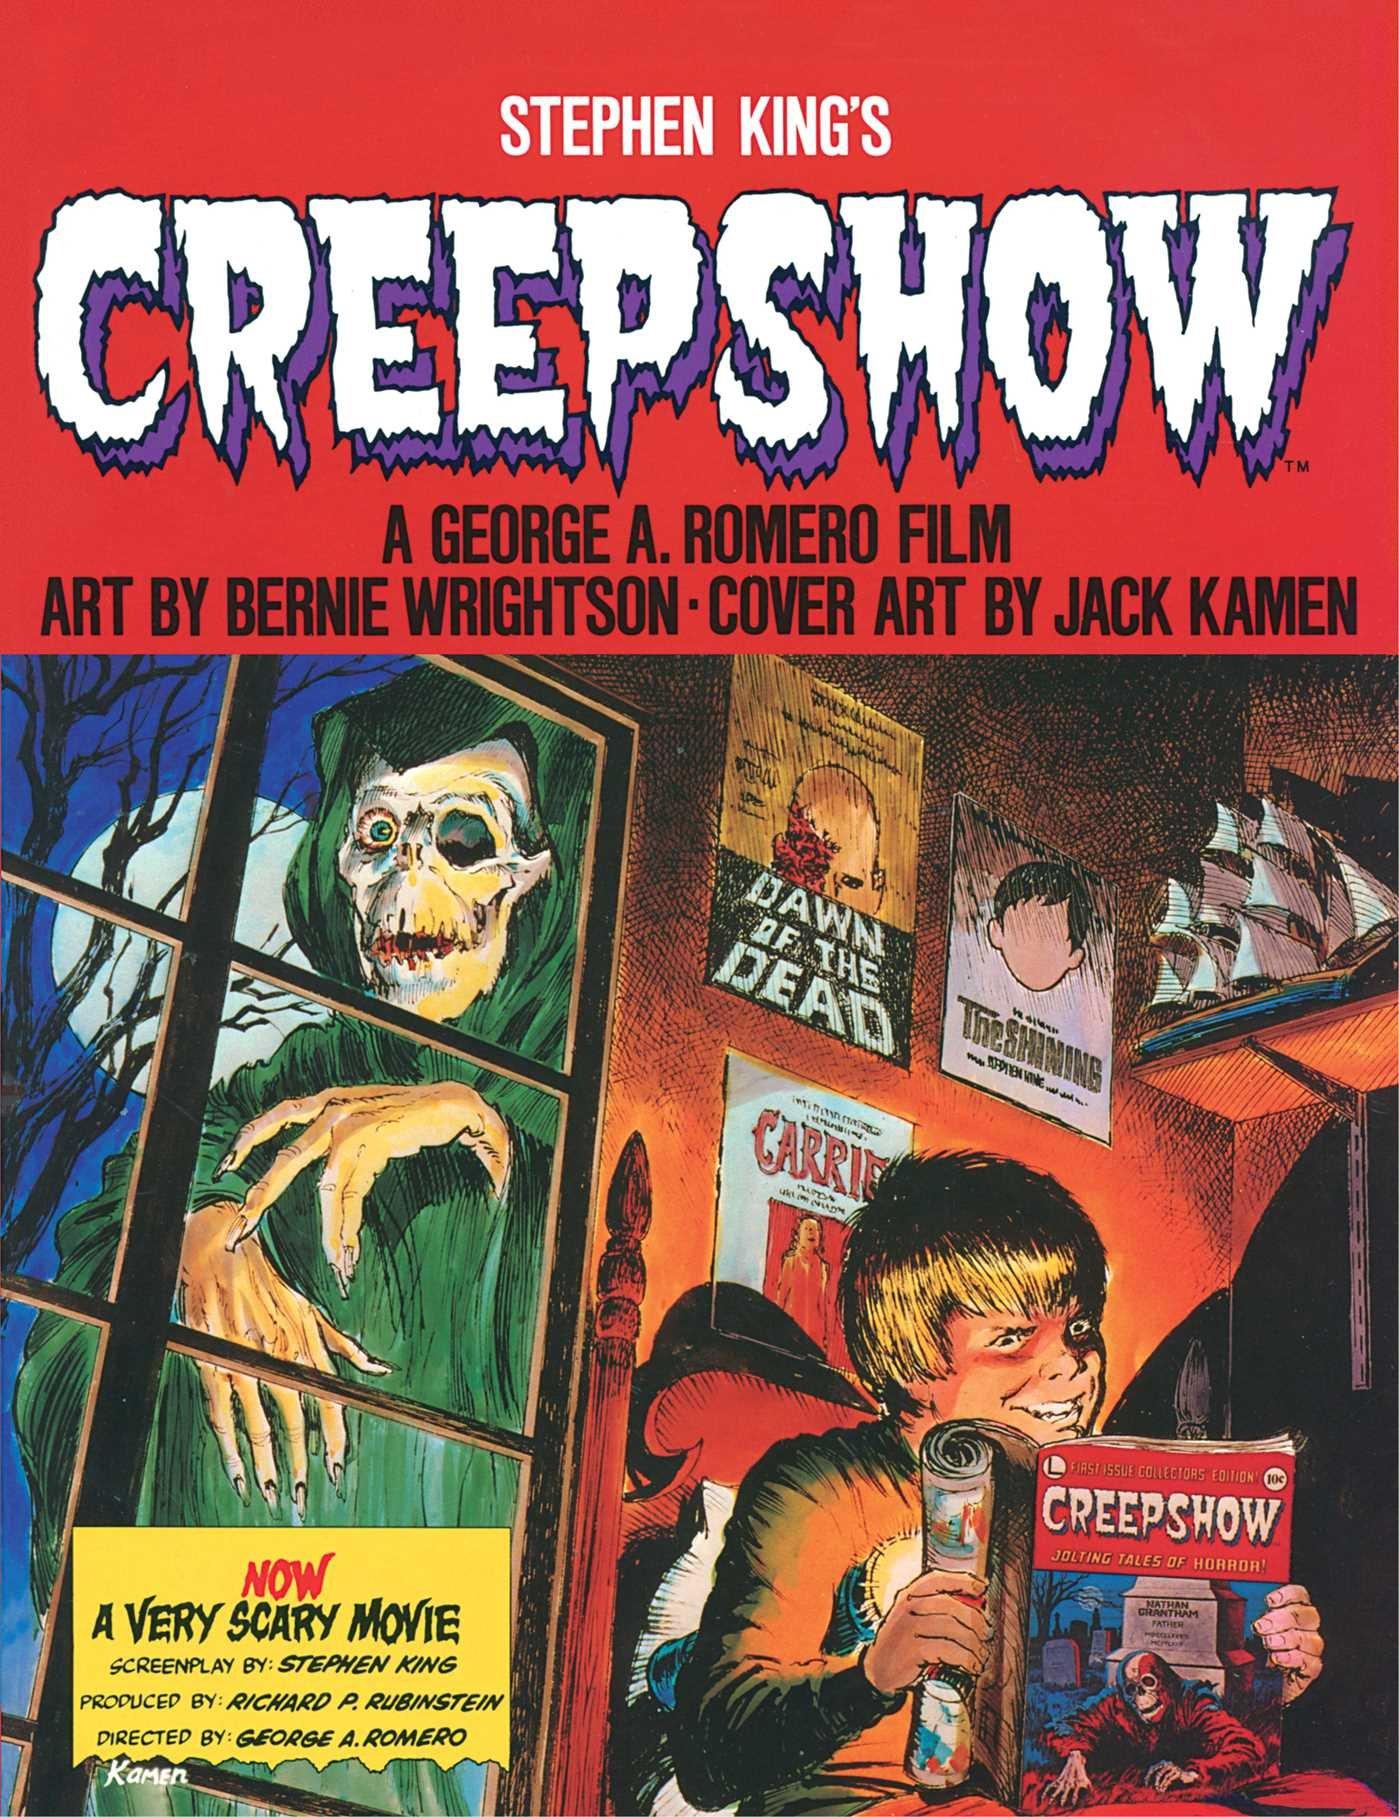 Halloween Special: Шоу на ужаса(Creepshow)